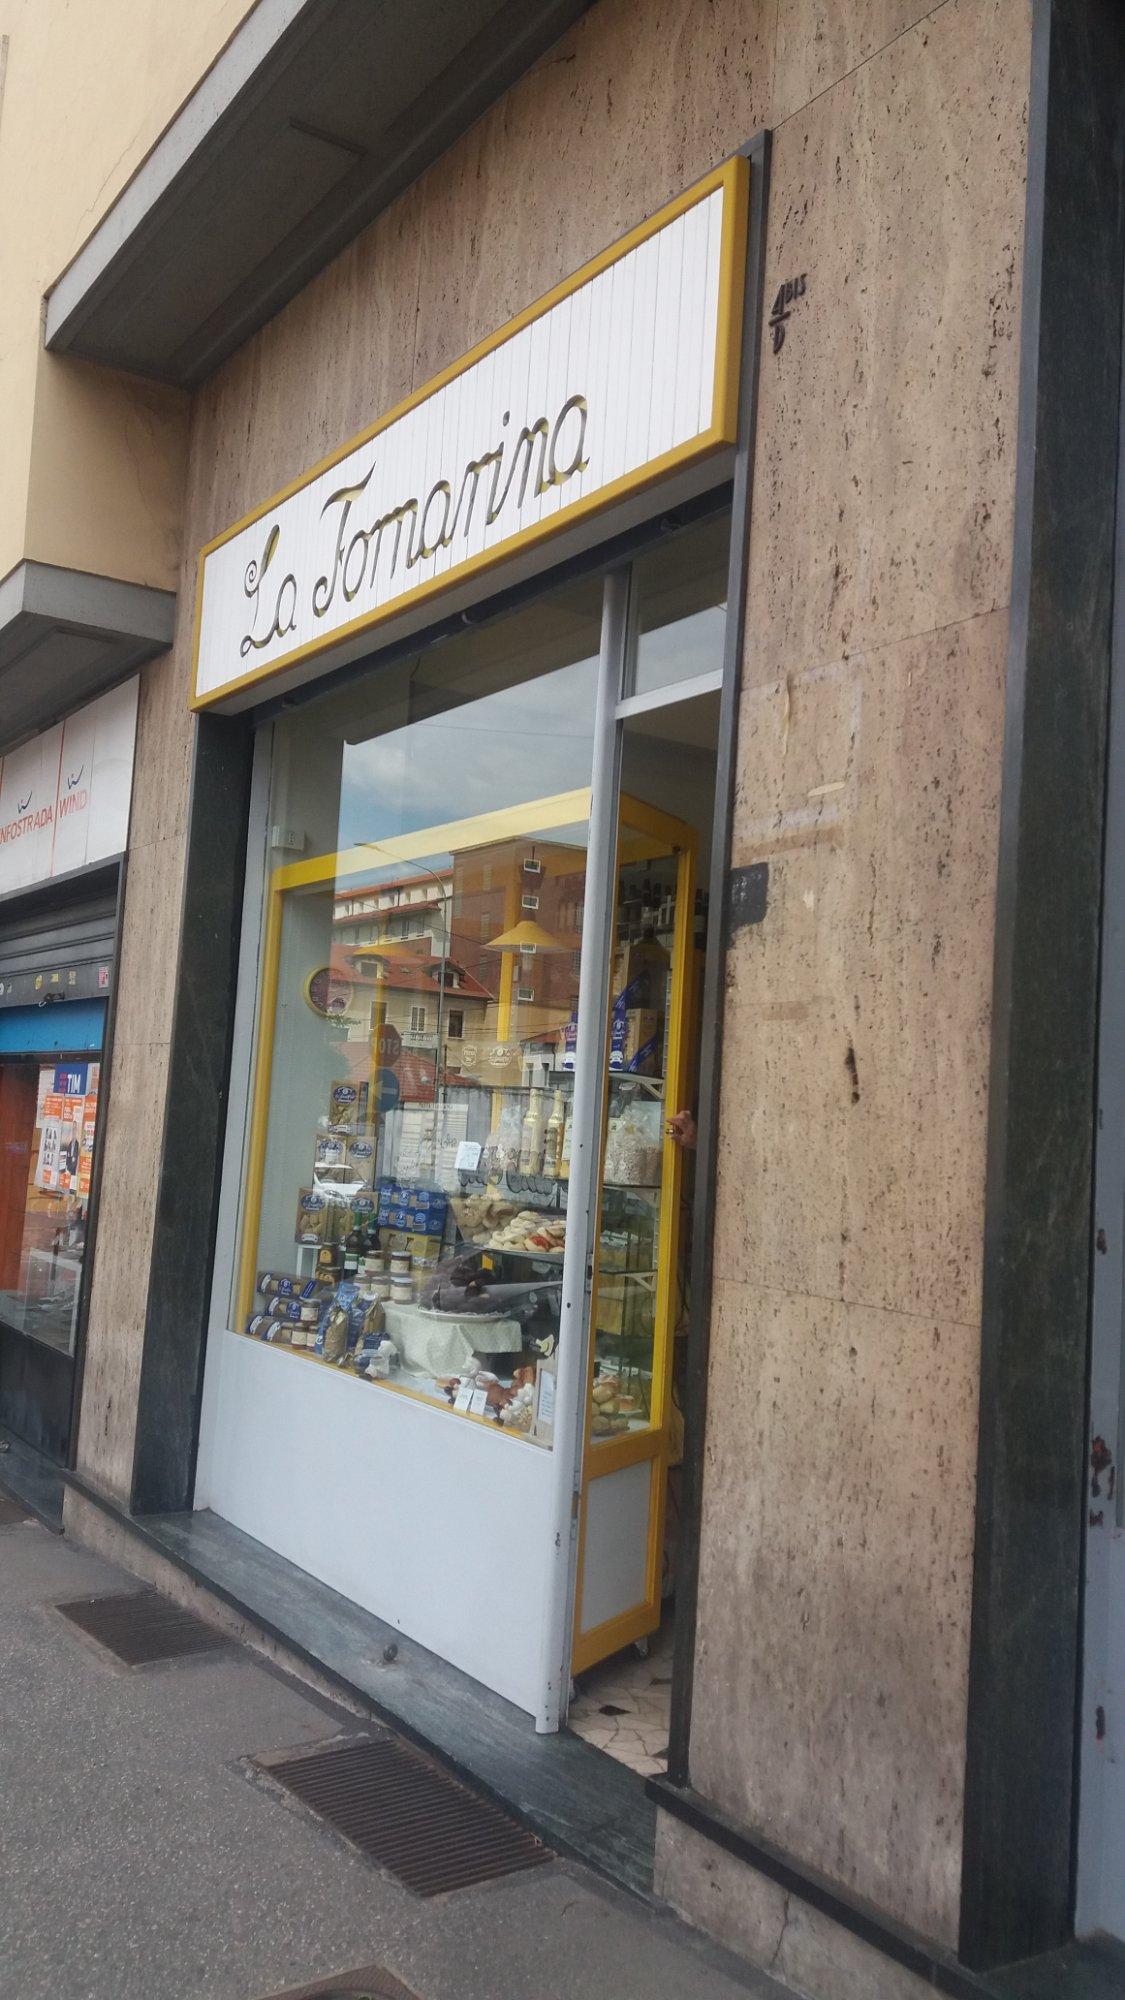 La Fornarina, Torino